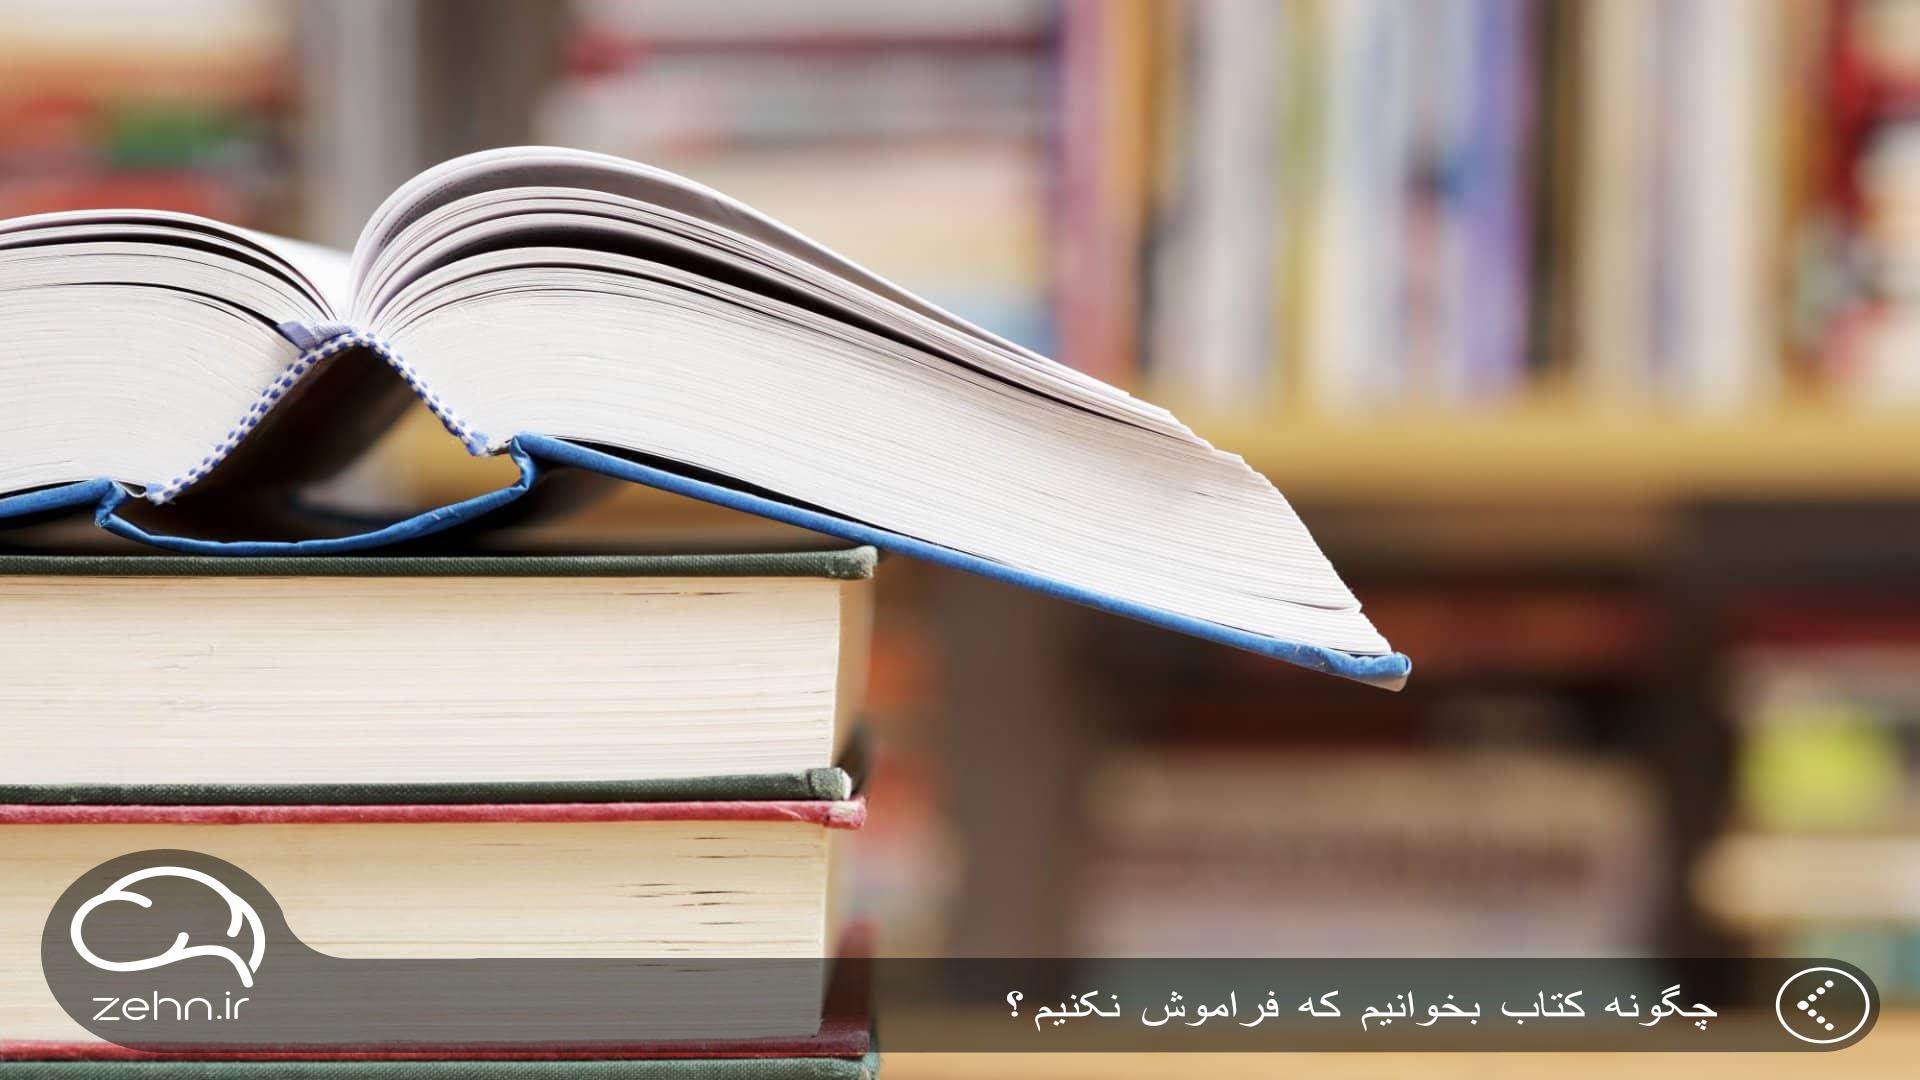 چگونه کتاب بخوانیم که فراموش نکنیم ؟